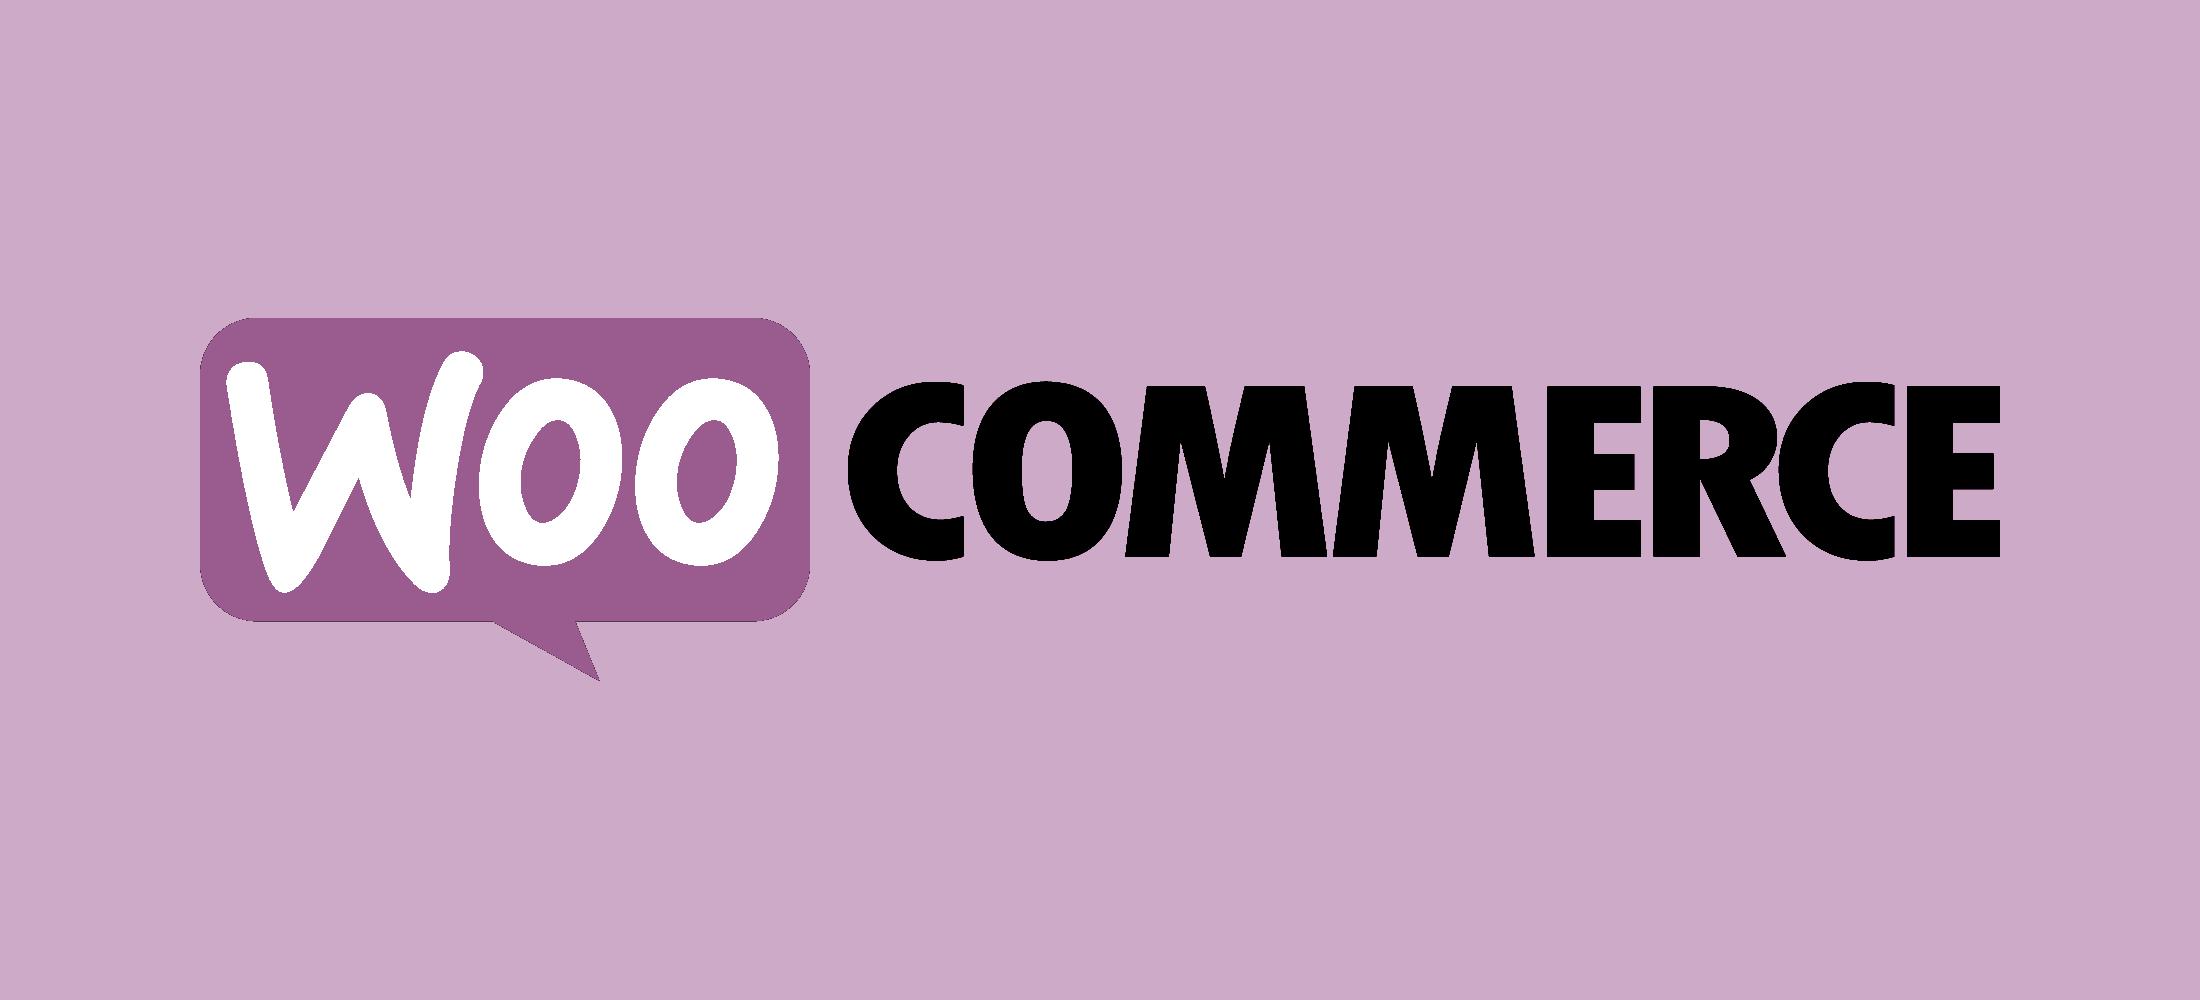 woocommerce-site-marchand-connecte-a-mondeviseur